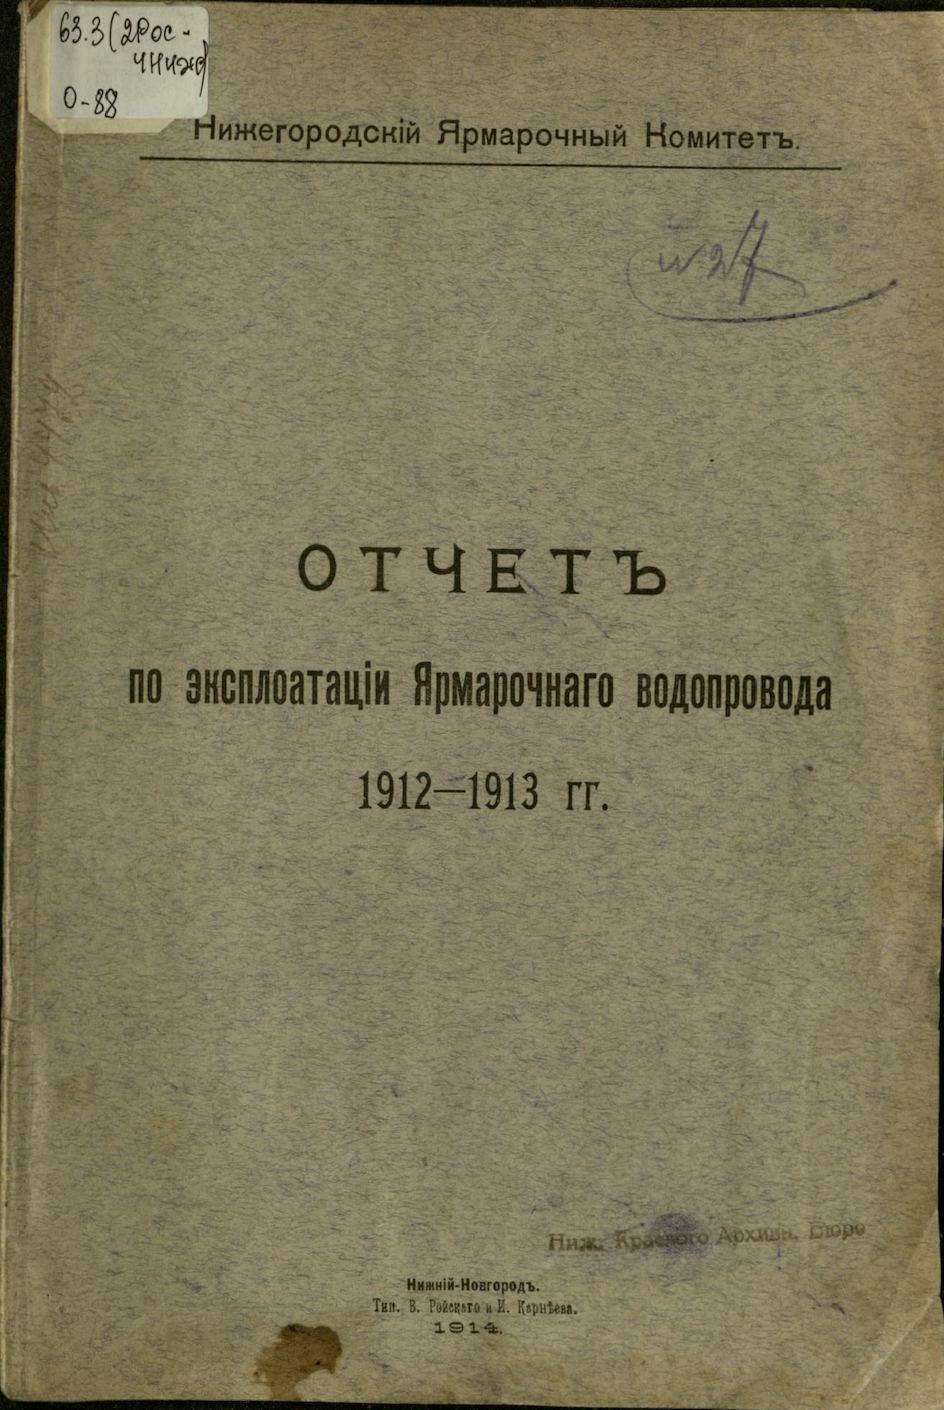 Отчет по эксплуатации Ярмарочного водопровода  1912-1913 гг.